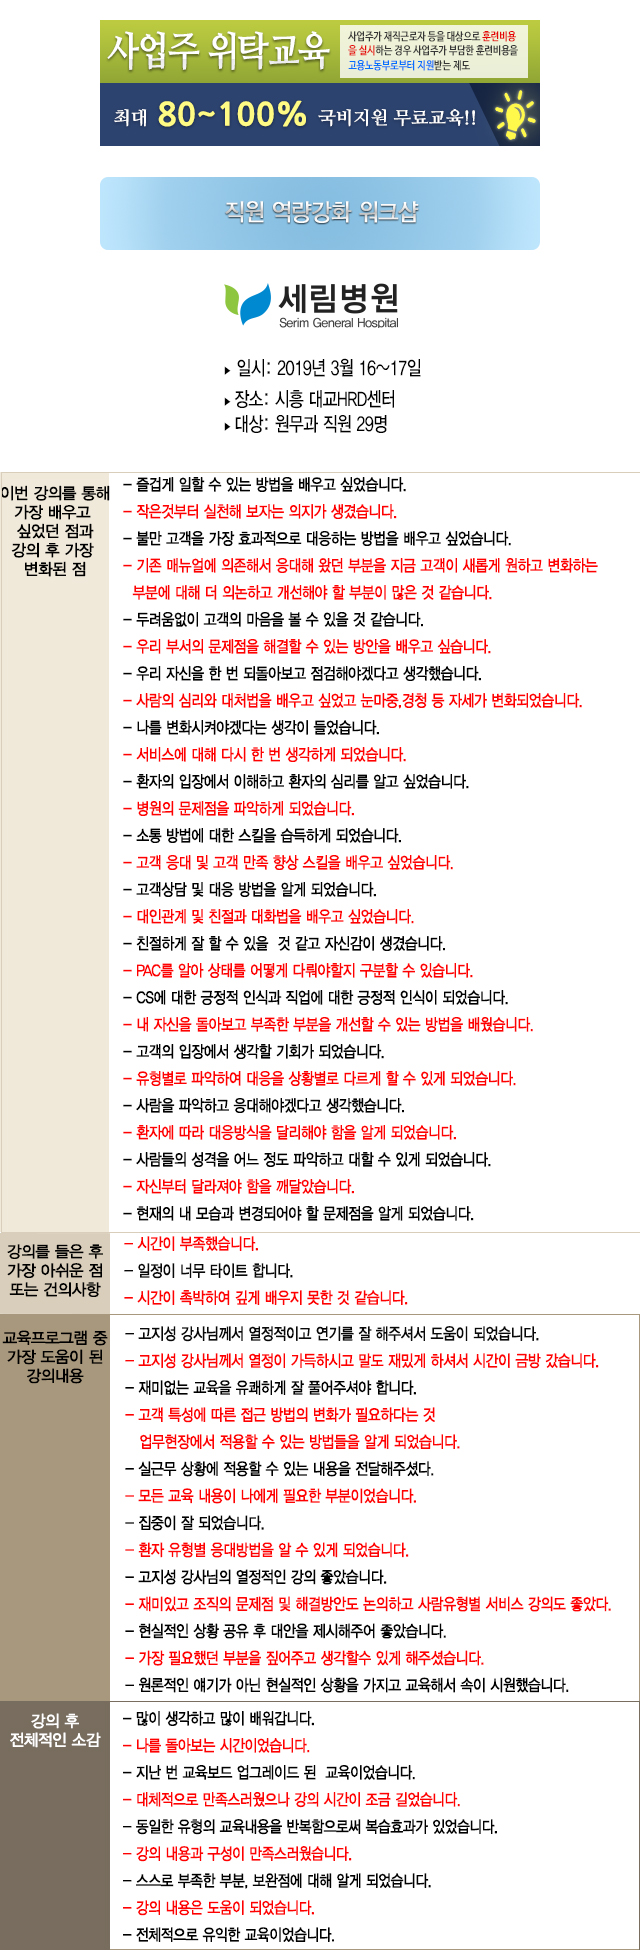 한국중앙인재개발원 후기 세림병원.jpg